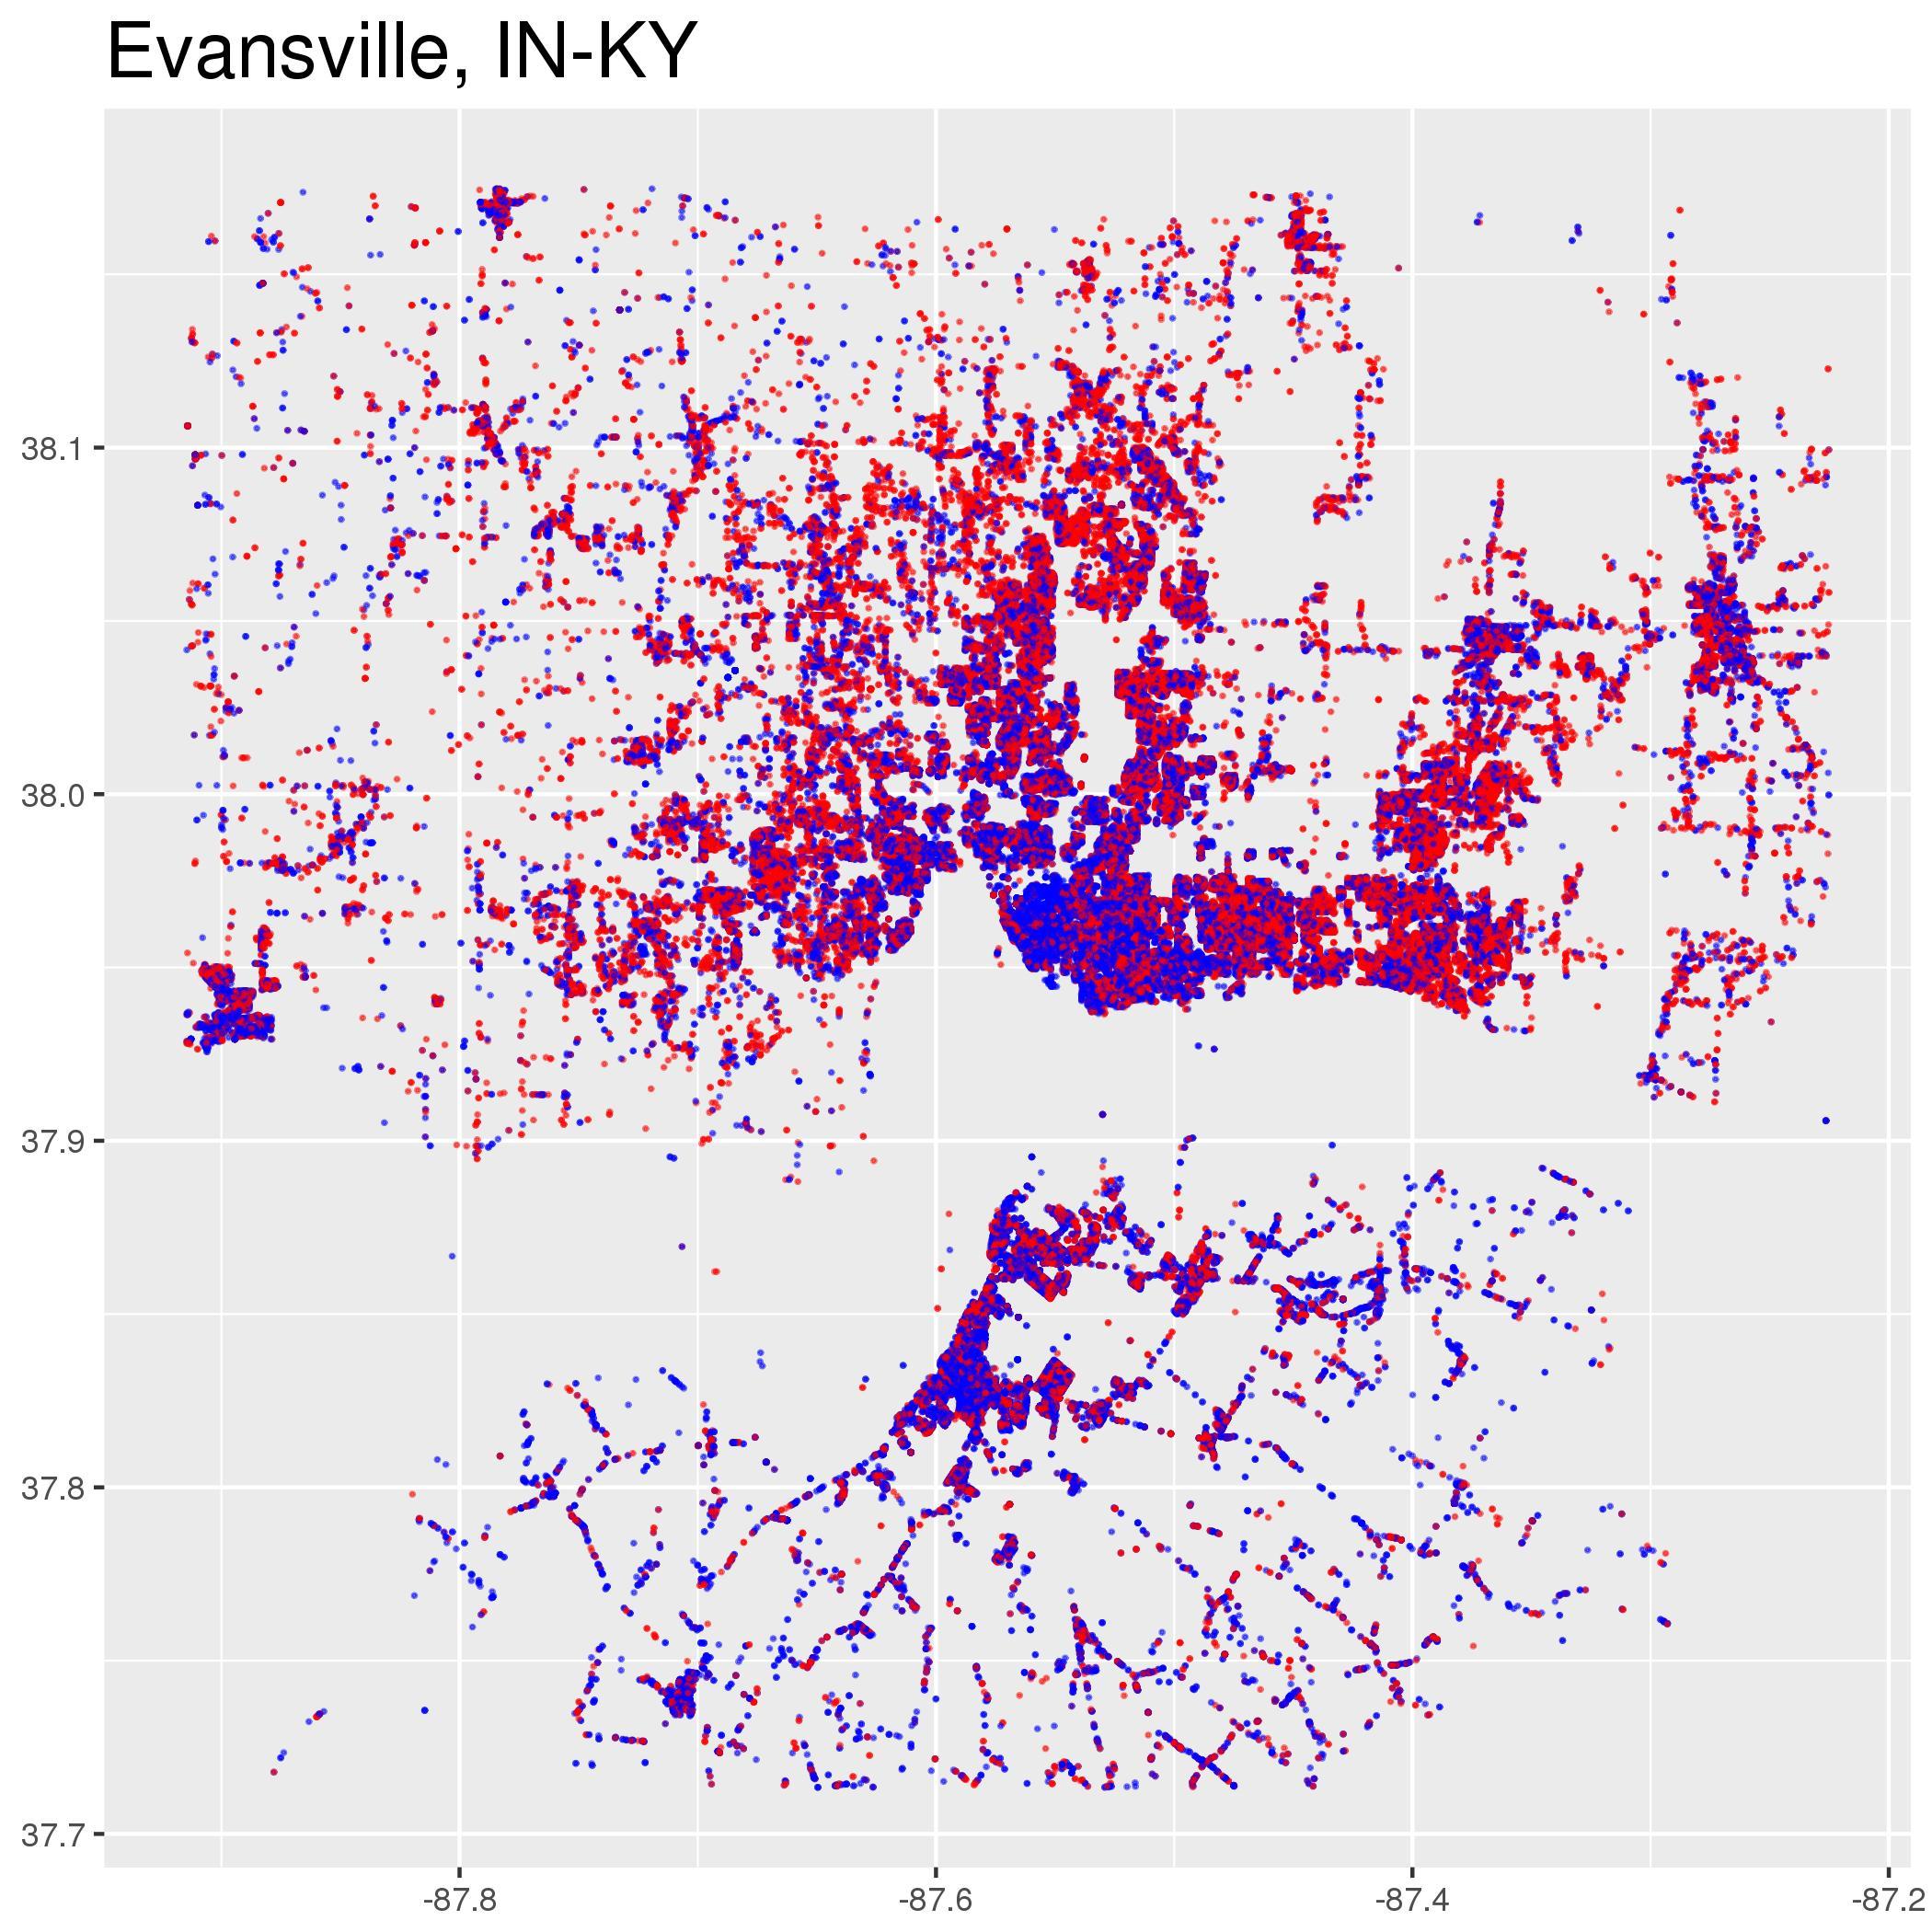 EvansvilleIN-KY.jpeg